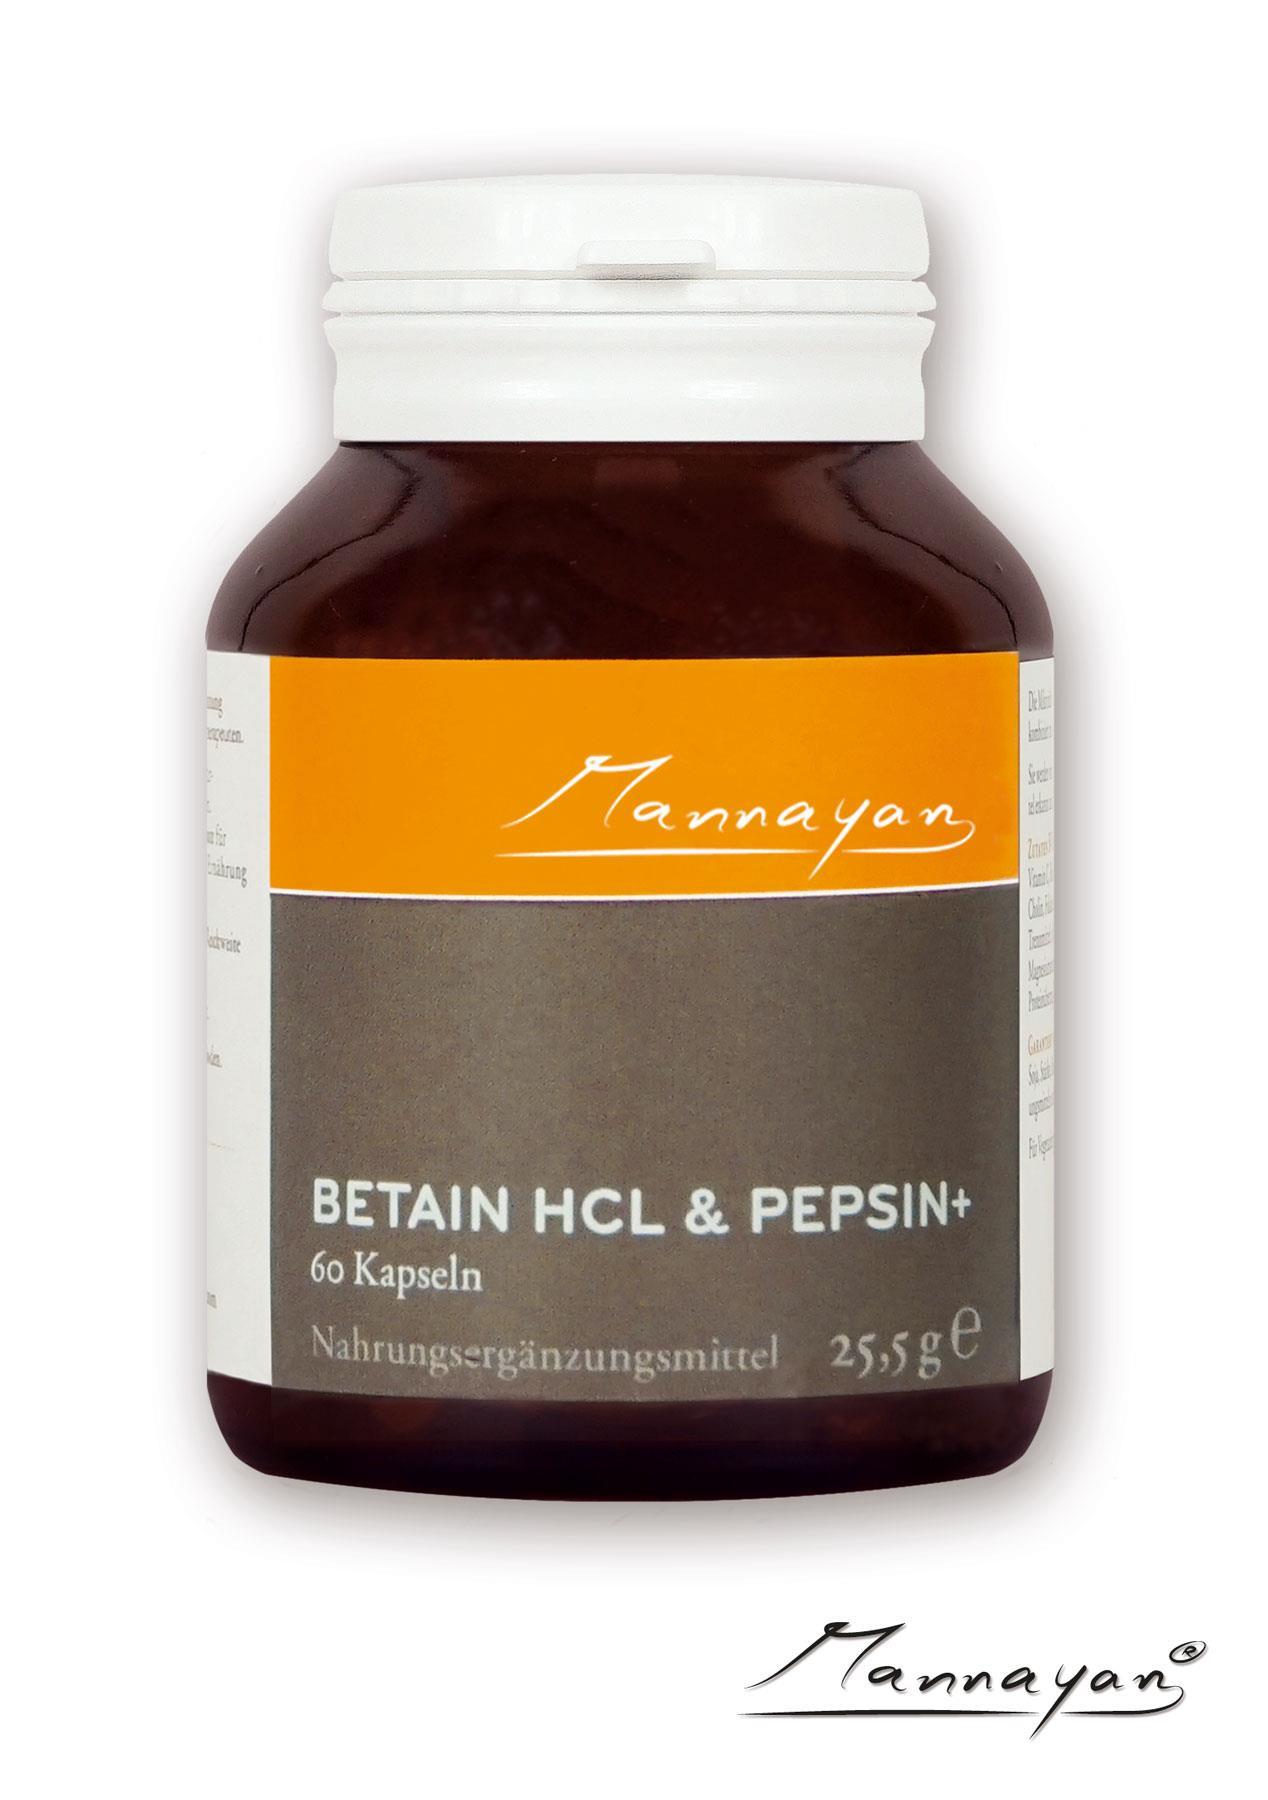 Betain HCL und Pepsin+ von Mannayan